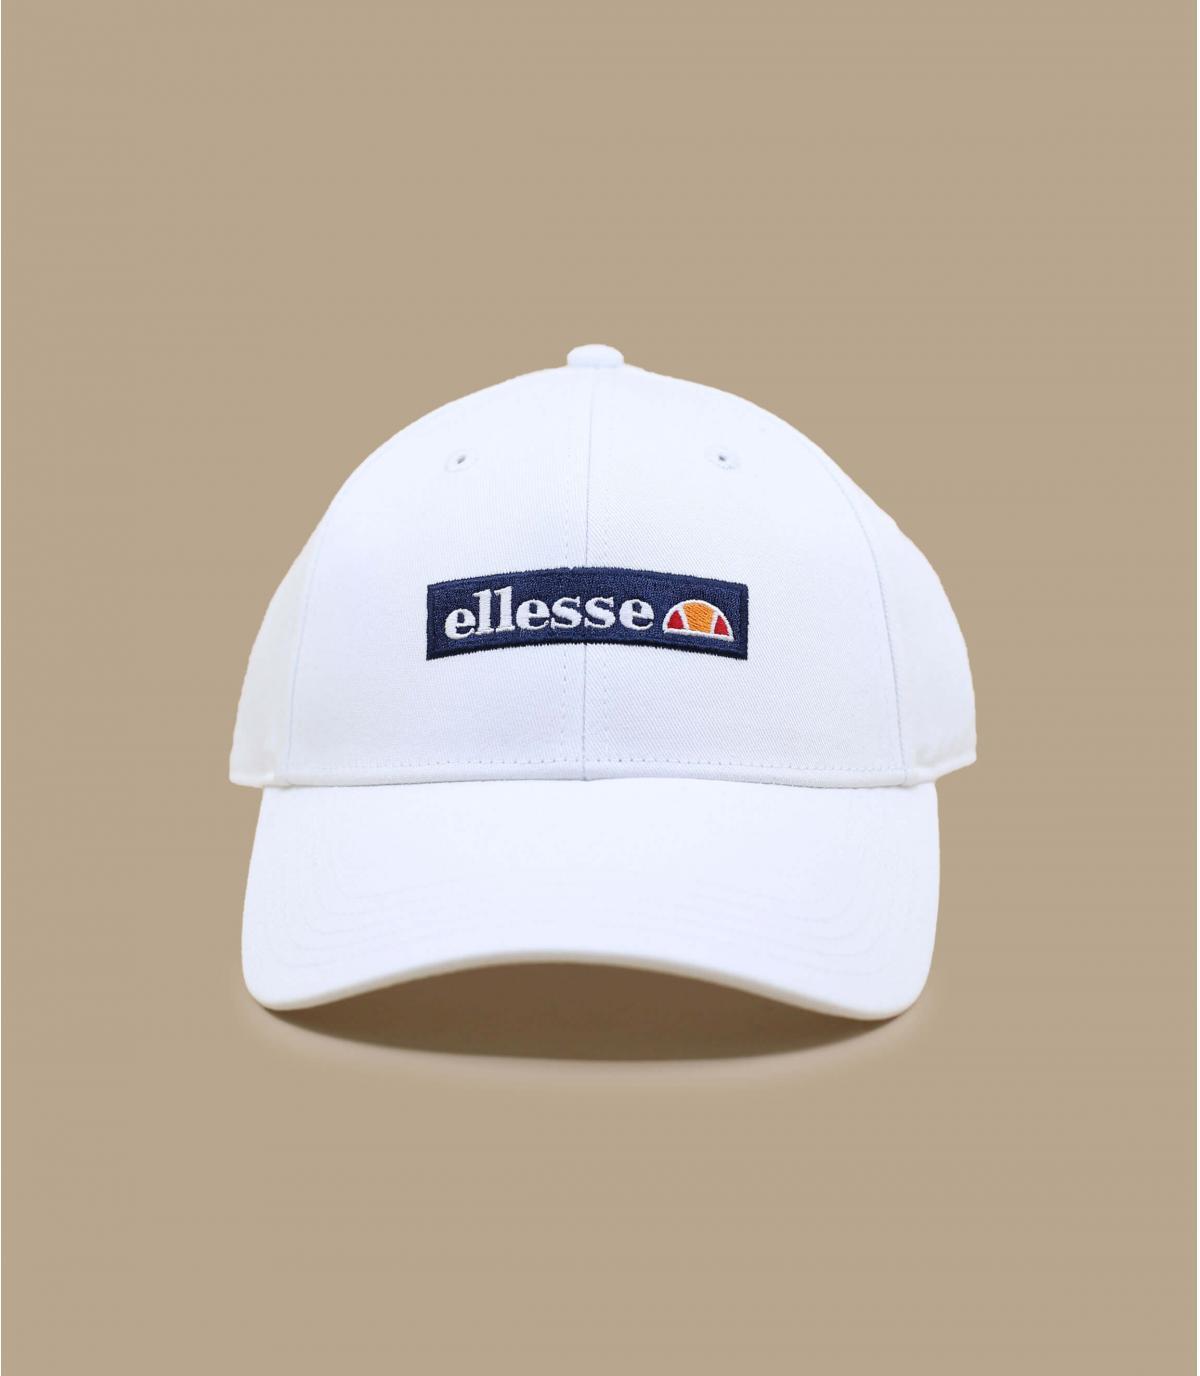 White Ellesse cap